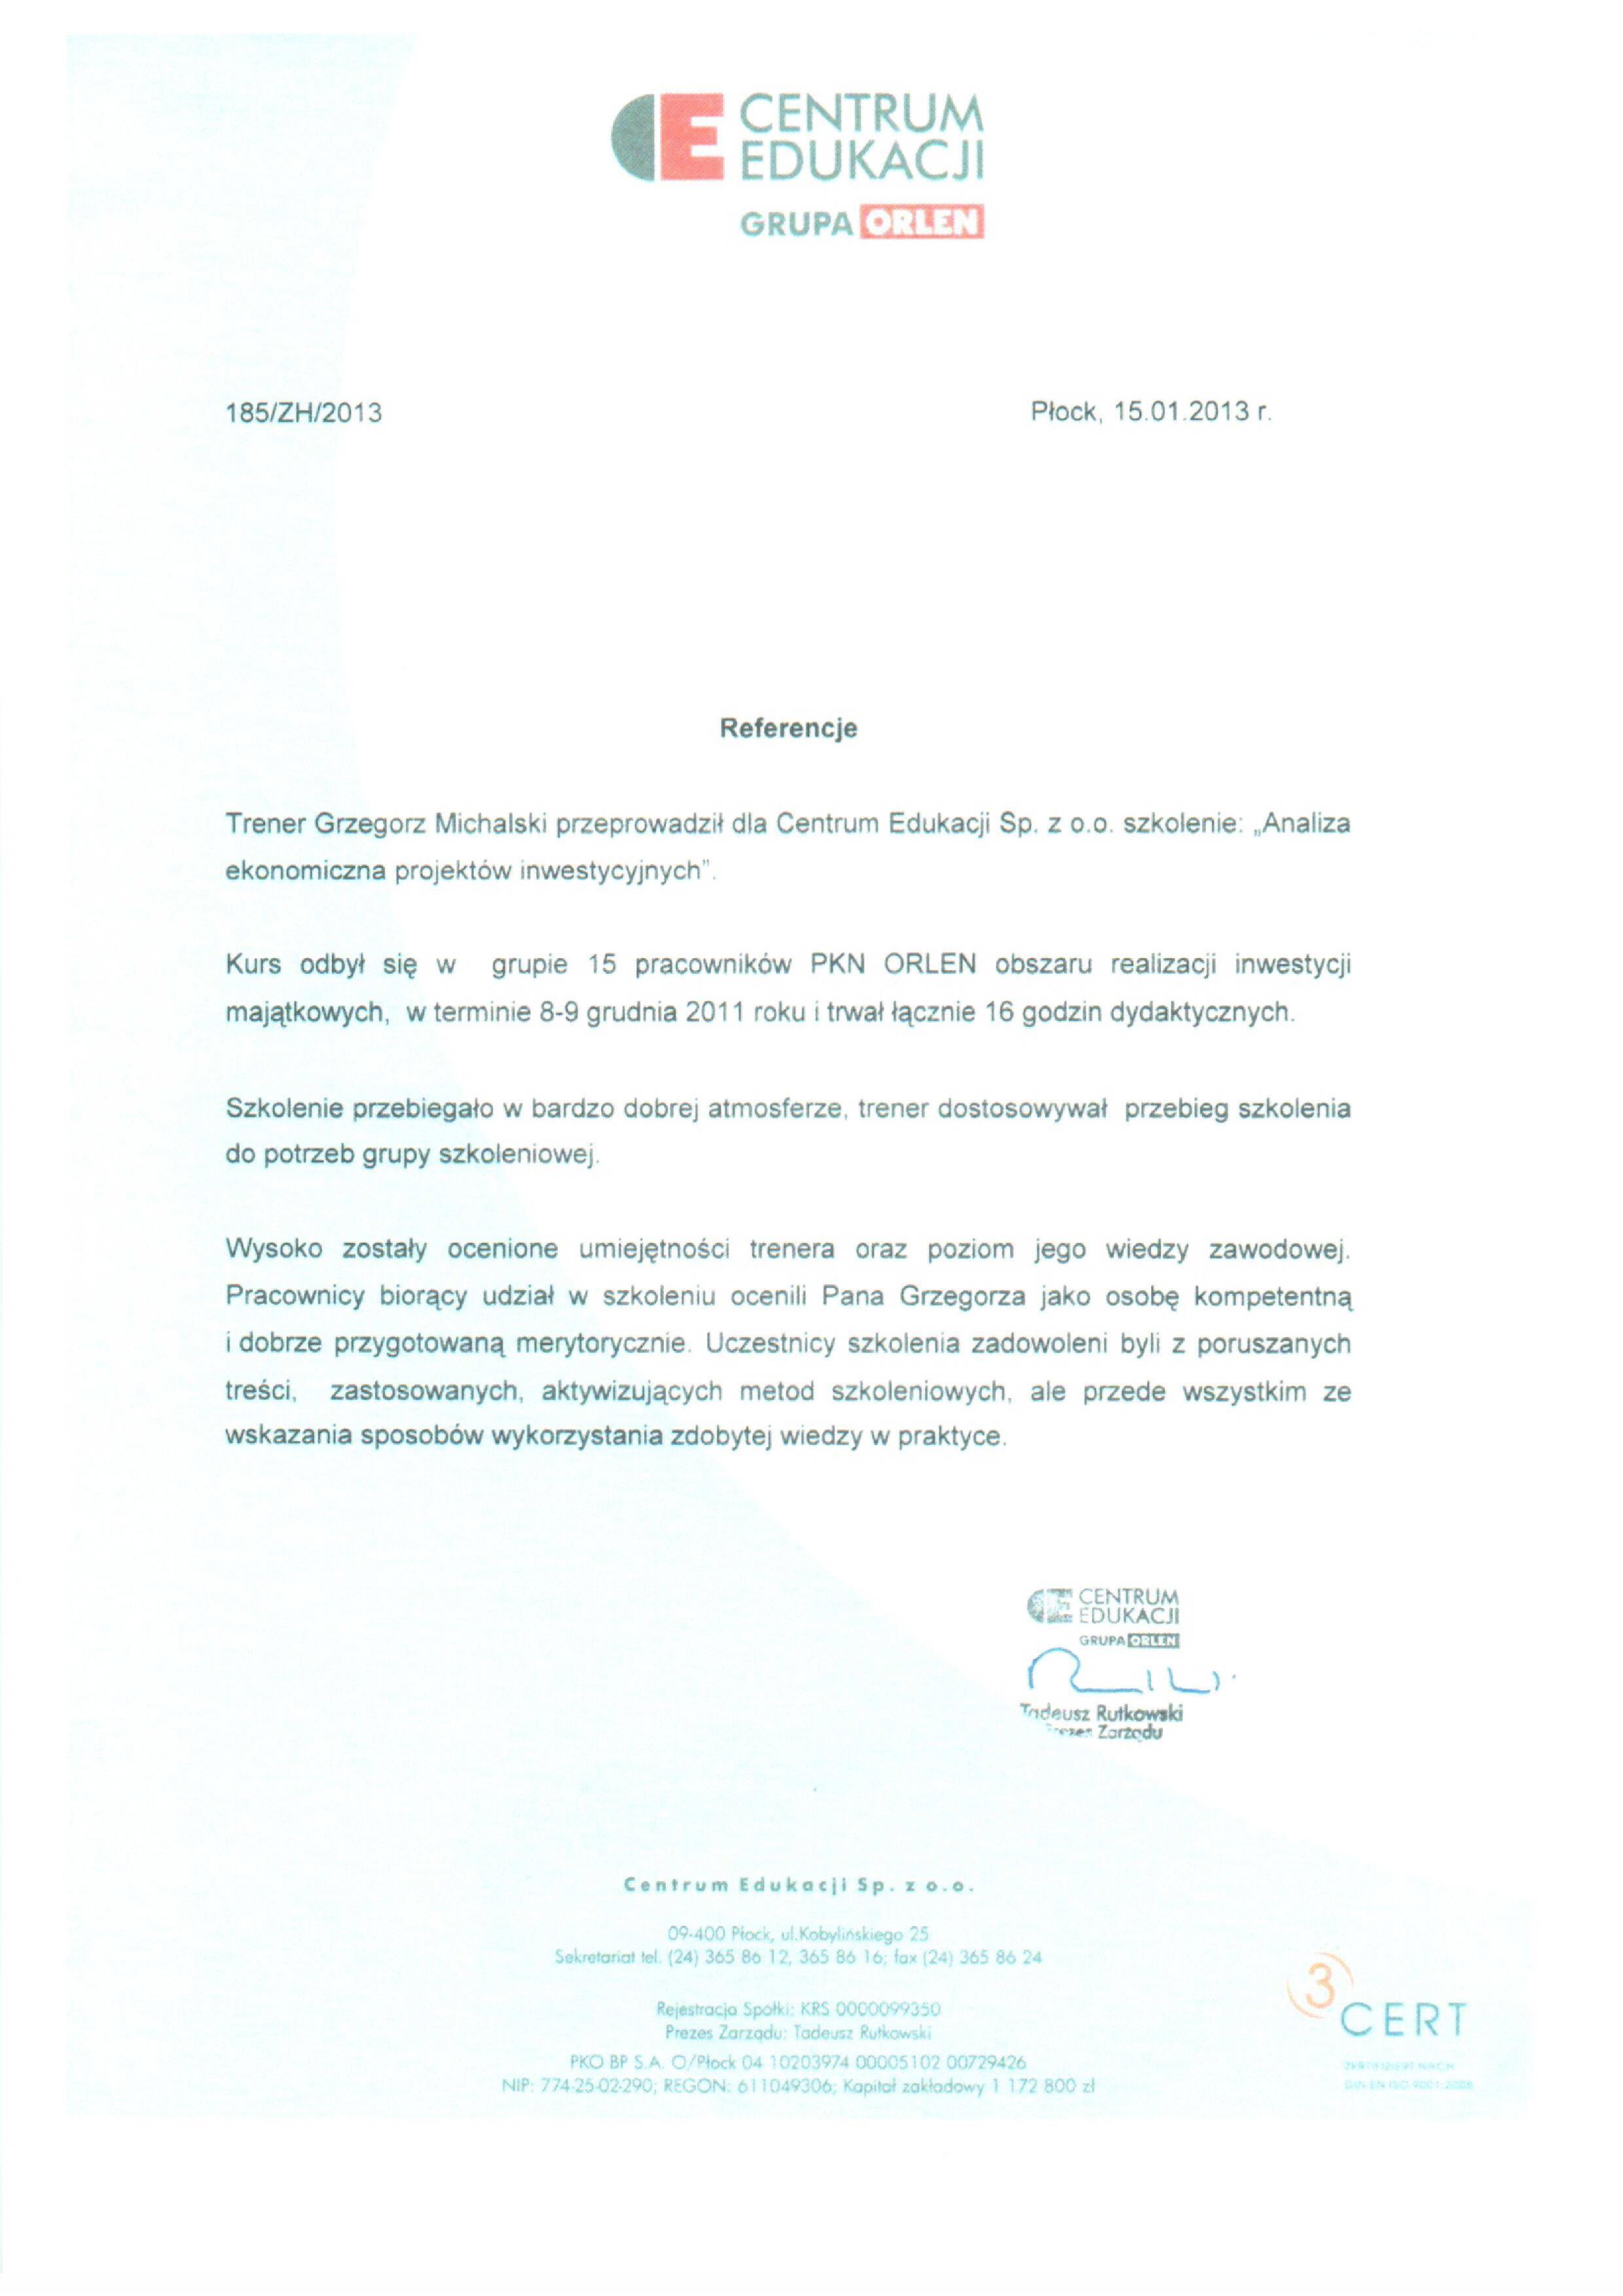 Referencje-michalski-grzegorz-Projekt-Inwestycyjny-AEPIXII2011PlockPKNOrlen.jpg?=szkolenia